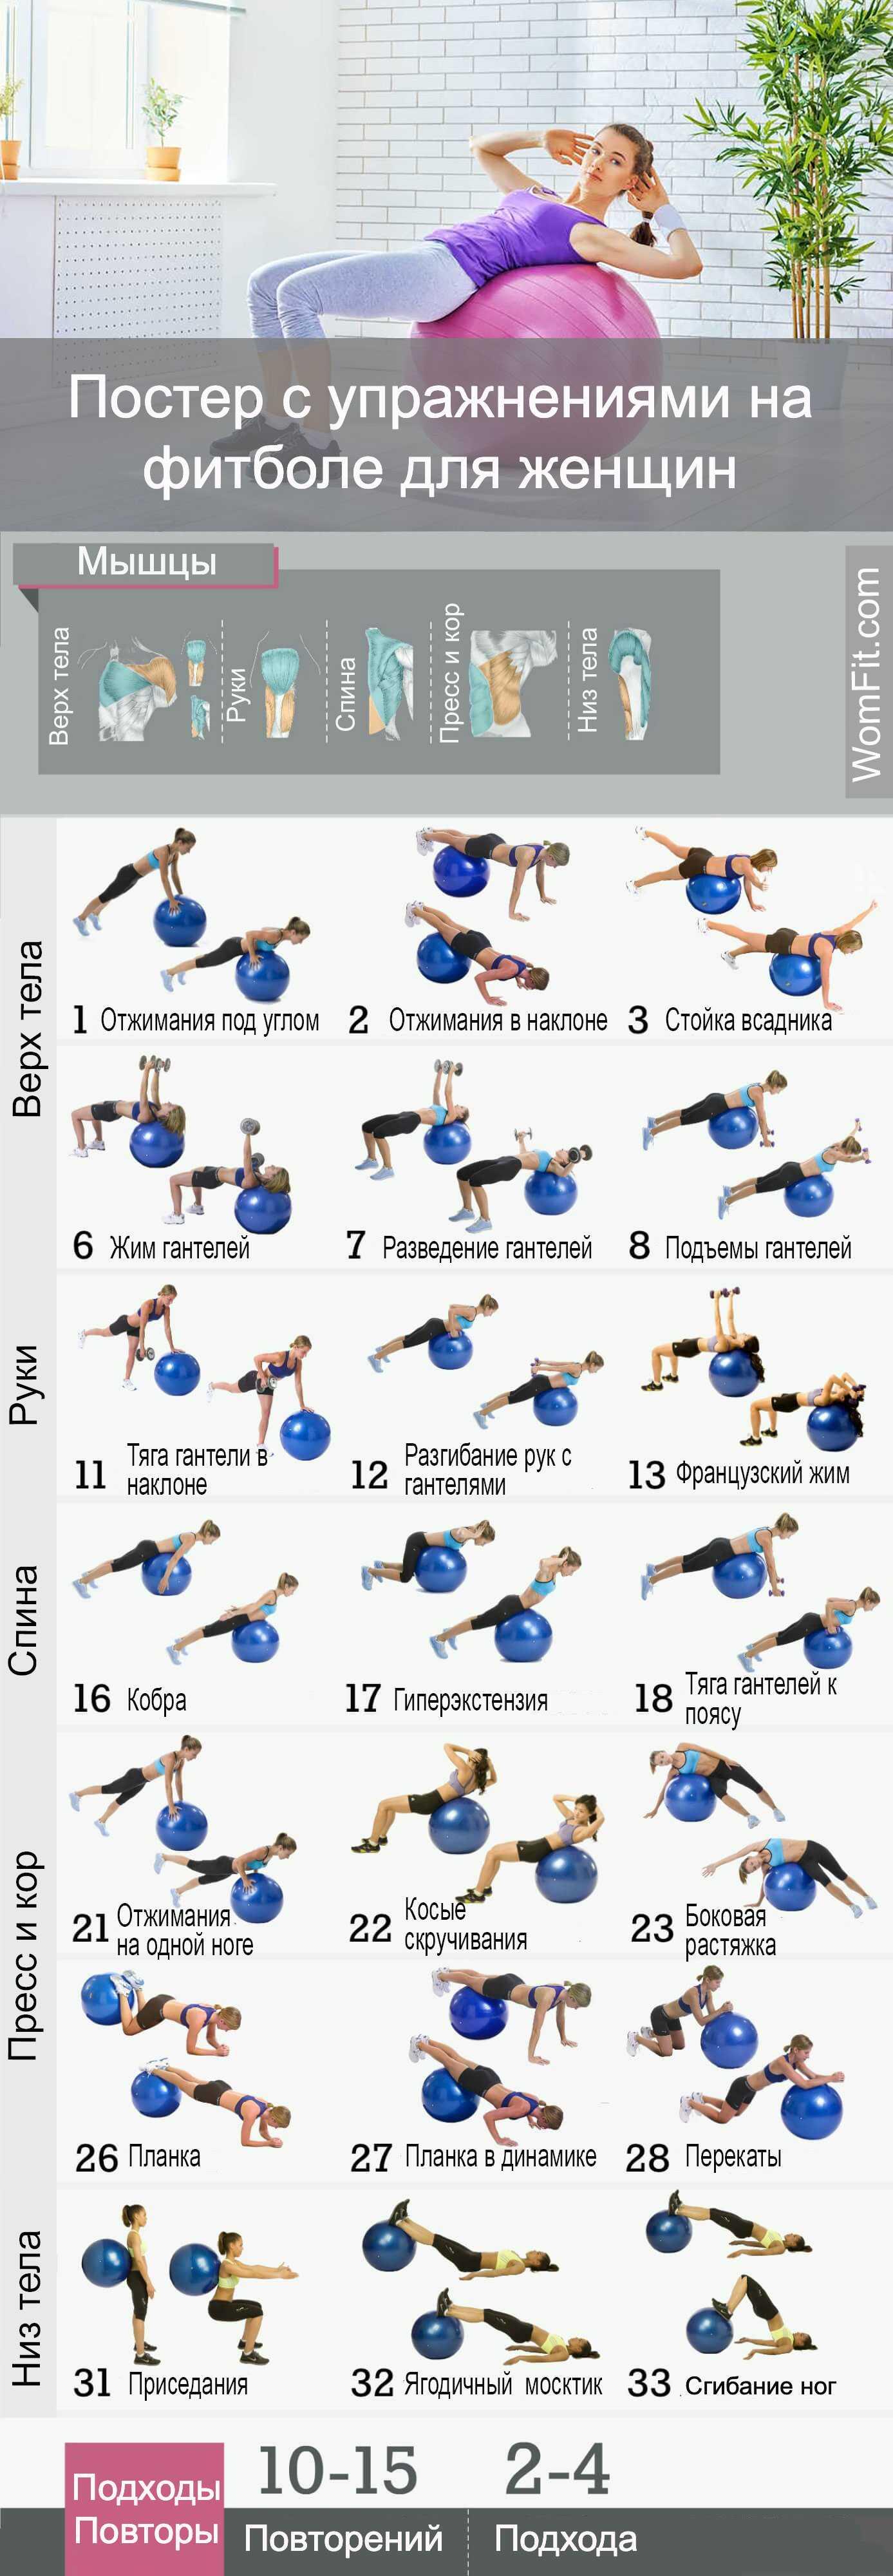 Обзор эффективных упражнений с фитболом для похудения, полезные советы